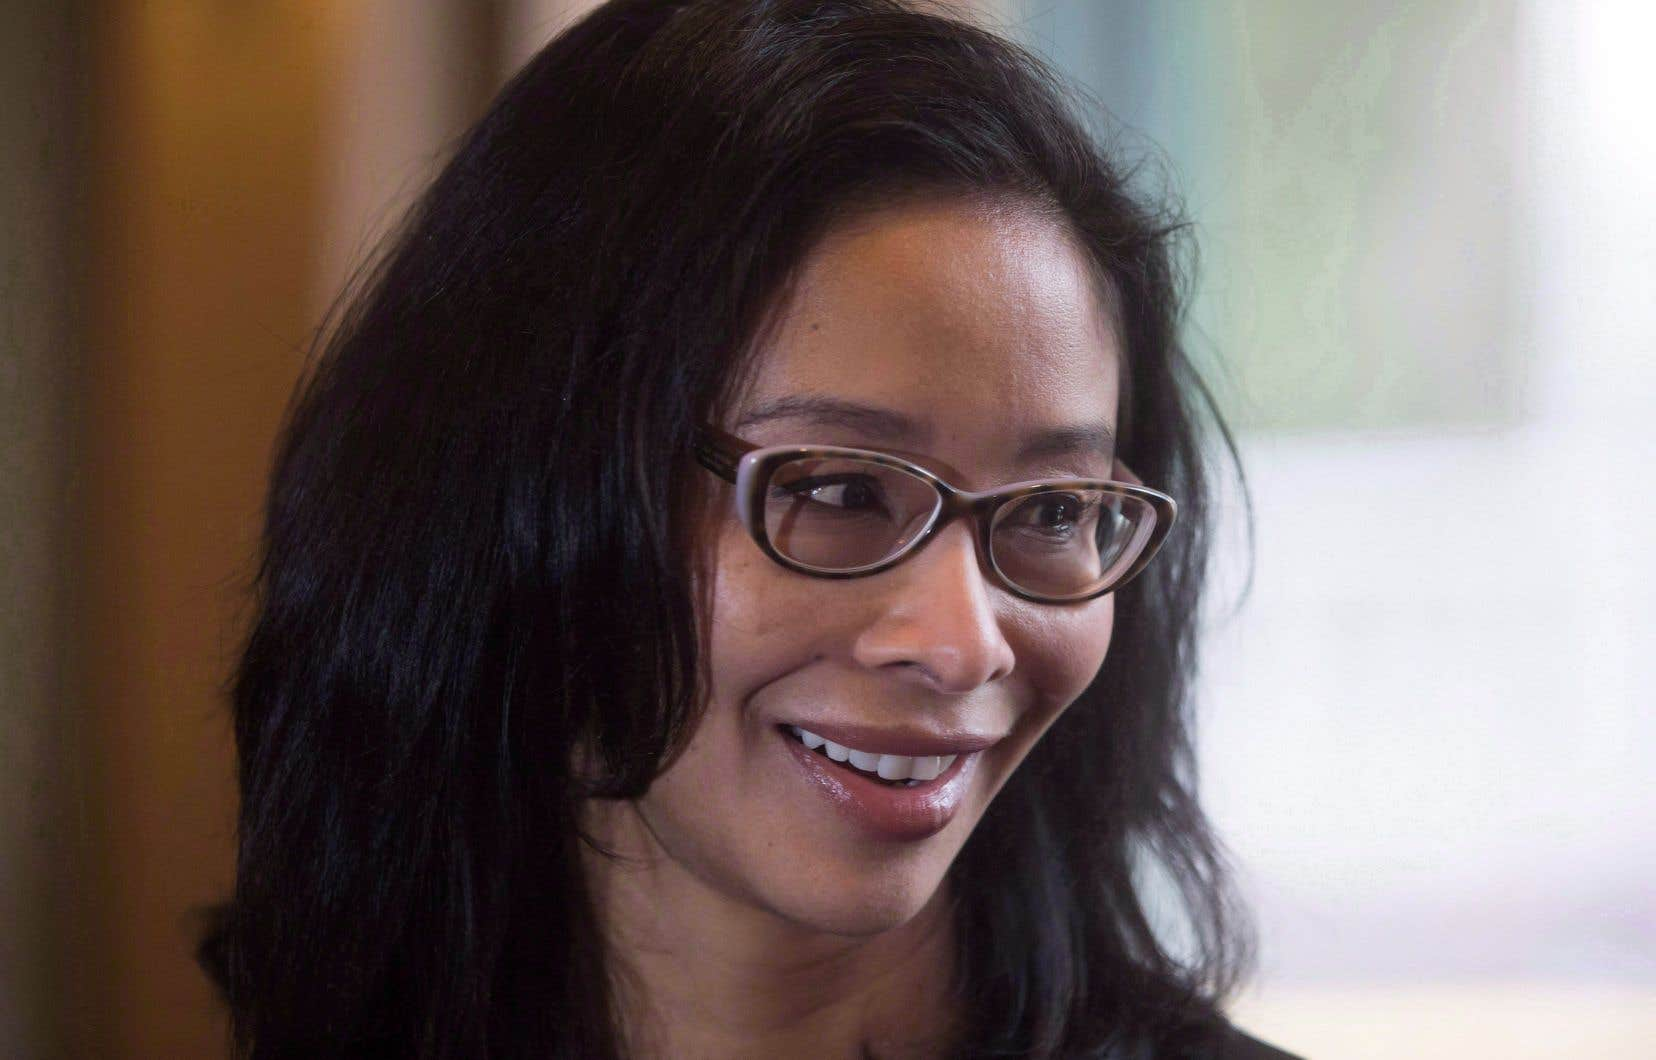 La présidente de l'AMC, Gigi Osler, a déclaré que personne ne devrait subir une procédure sans son consentement préalable, libre et éclairé.